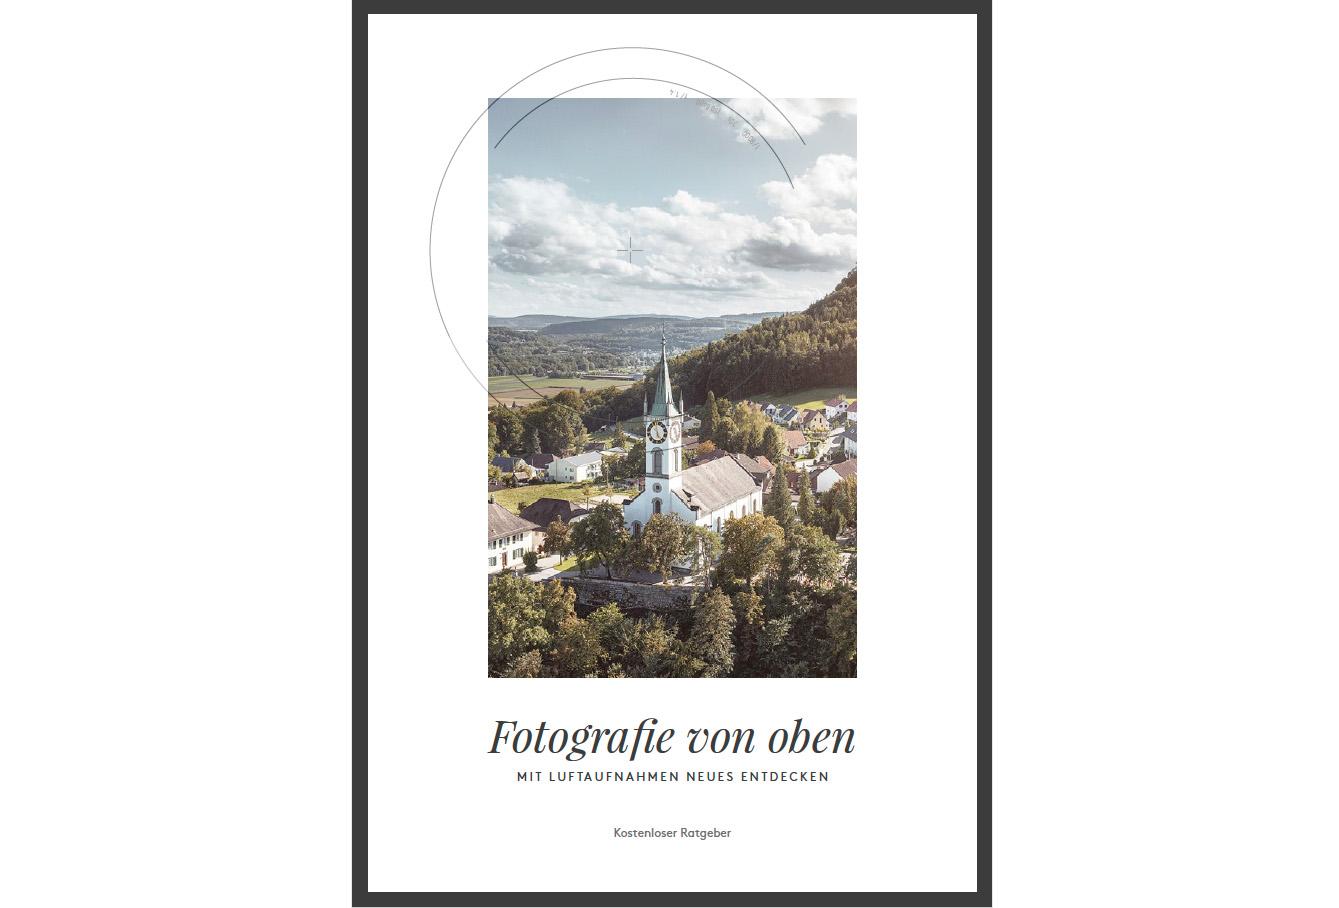 """Das Büchlein """"Fotografie von oben"""" kann kostenlos aus dem Internet geladen werden."""